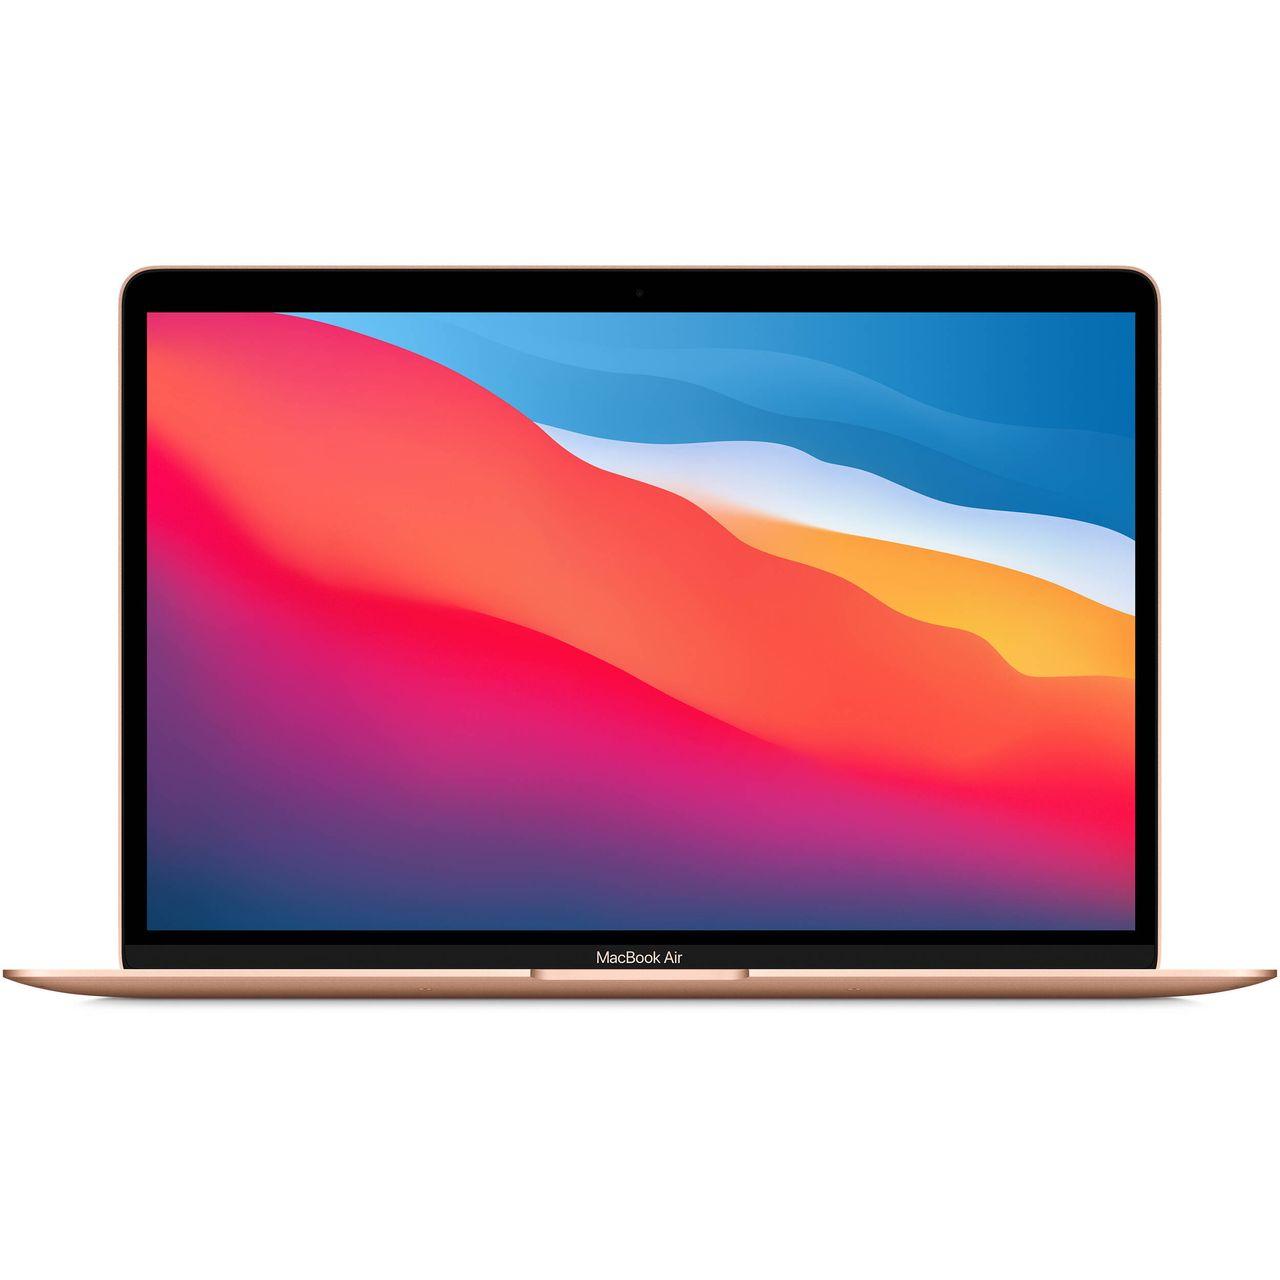 لپ تاپ ۱۳ اینچی اپل مدل MacBook Air MGND3 2020